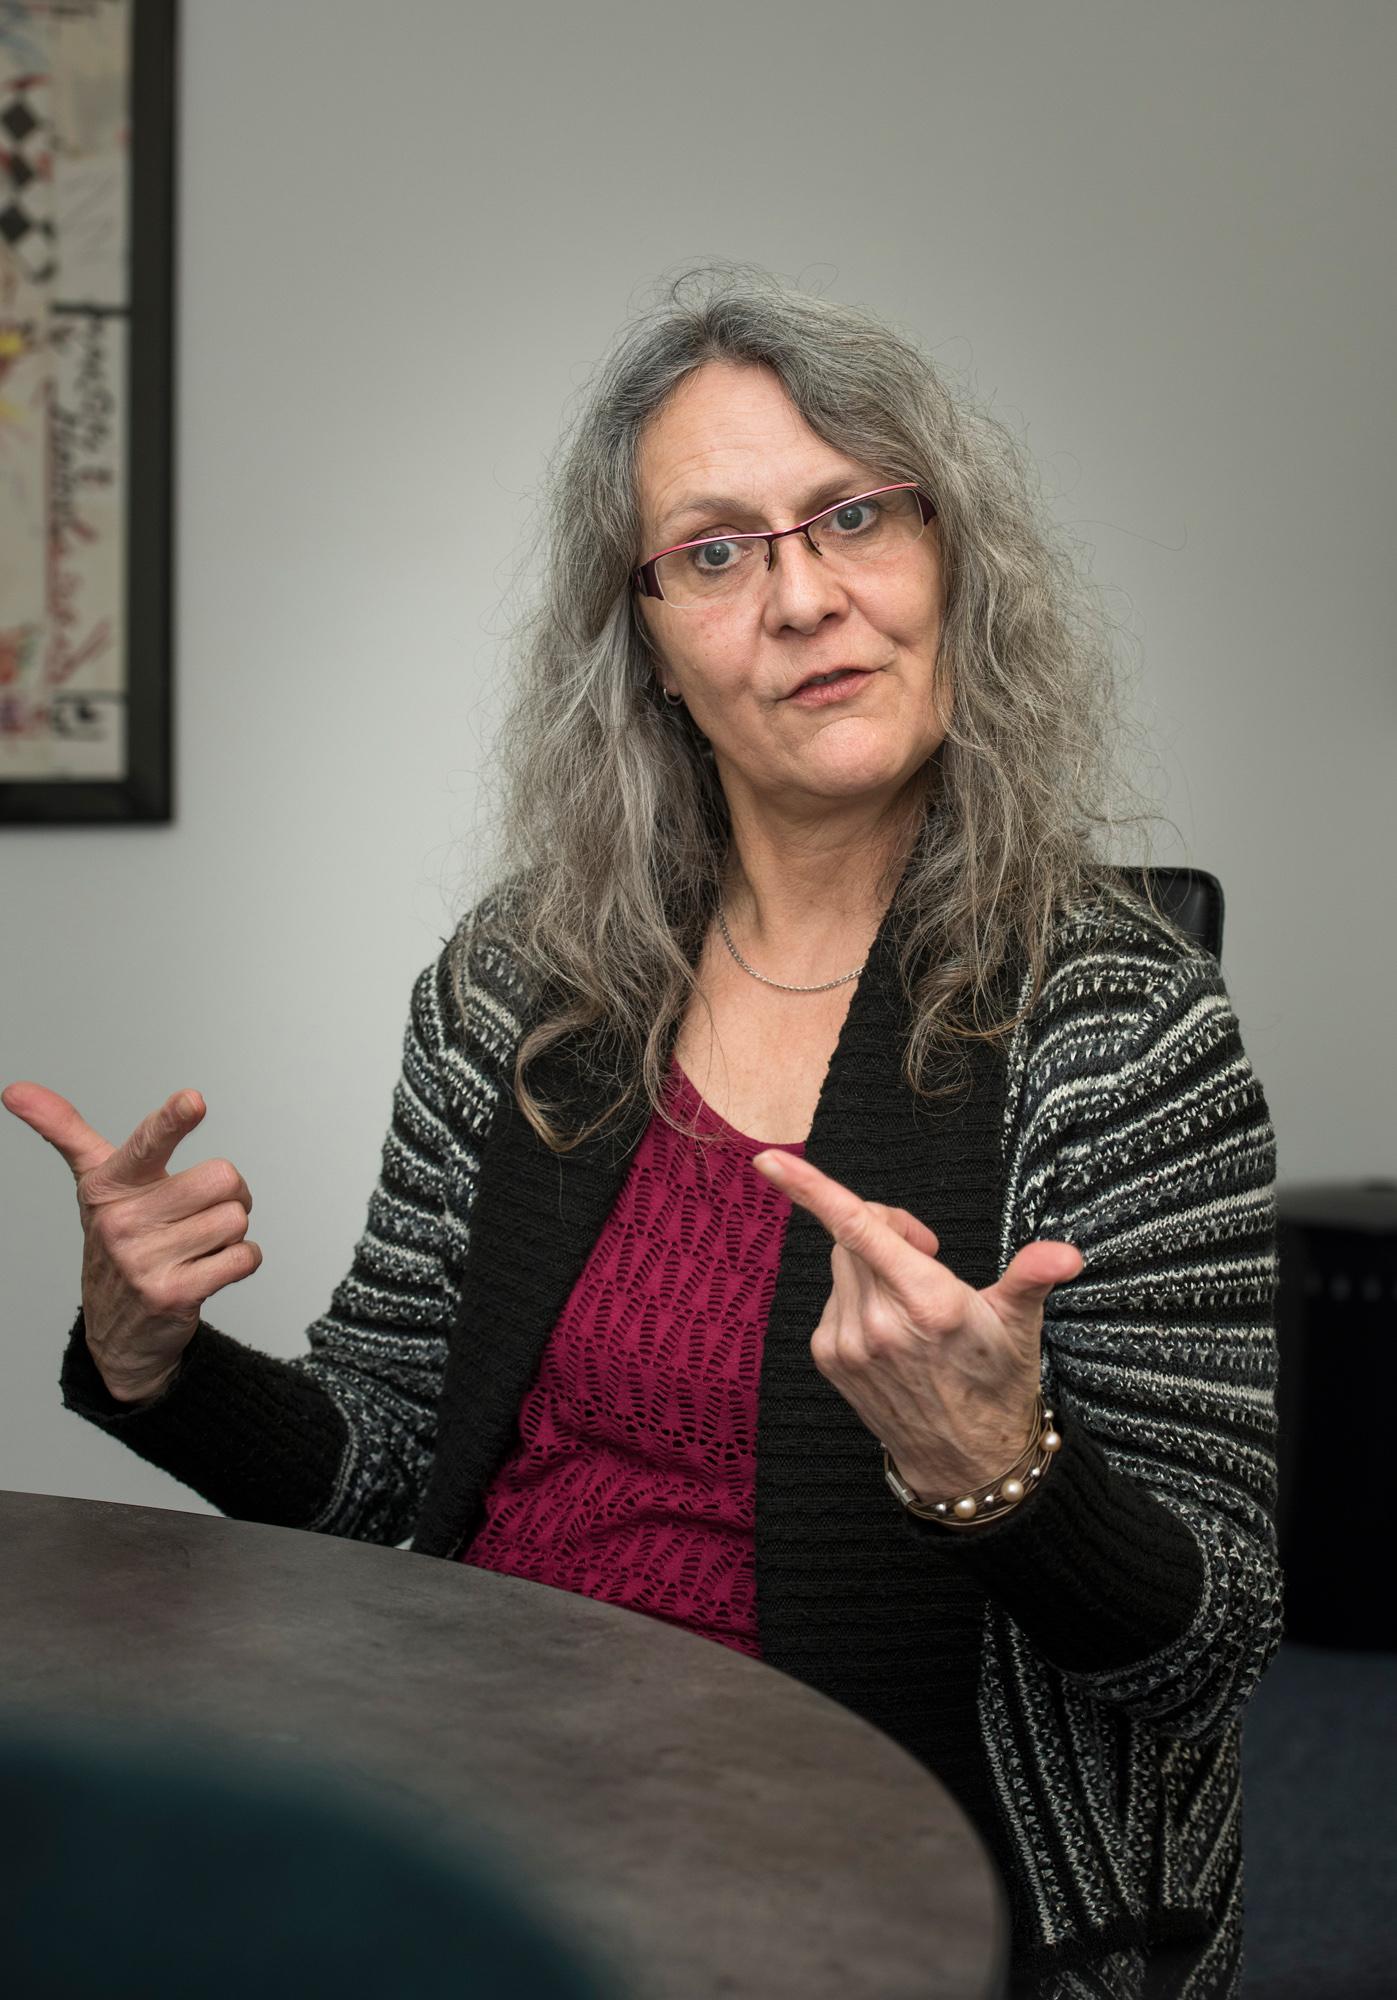 Ursula Vogt ist seit zehn Jahren Sterbehelferin.